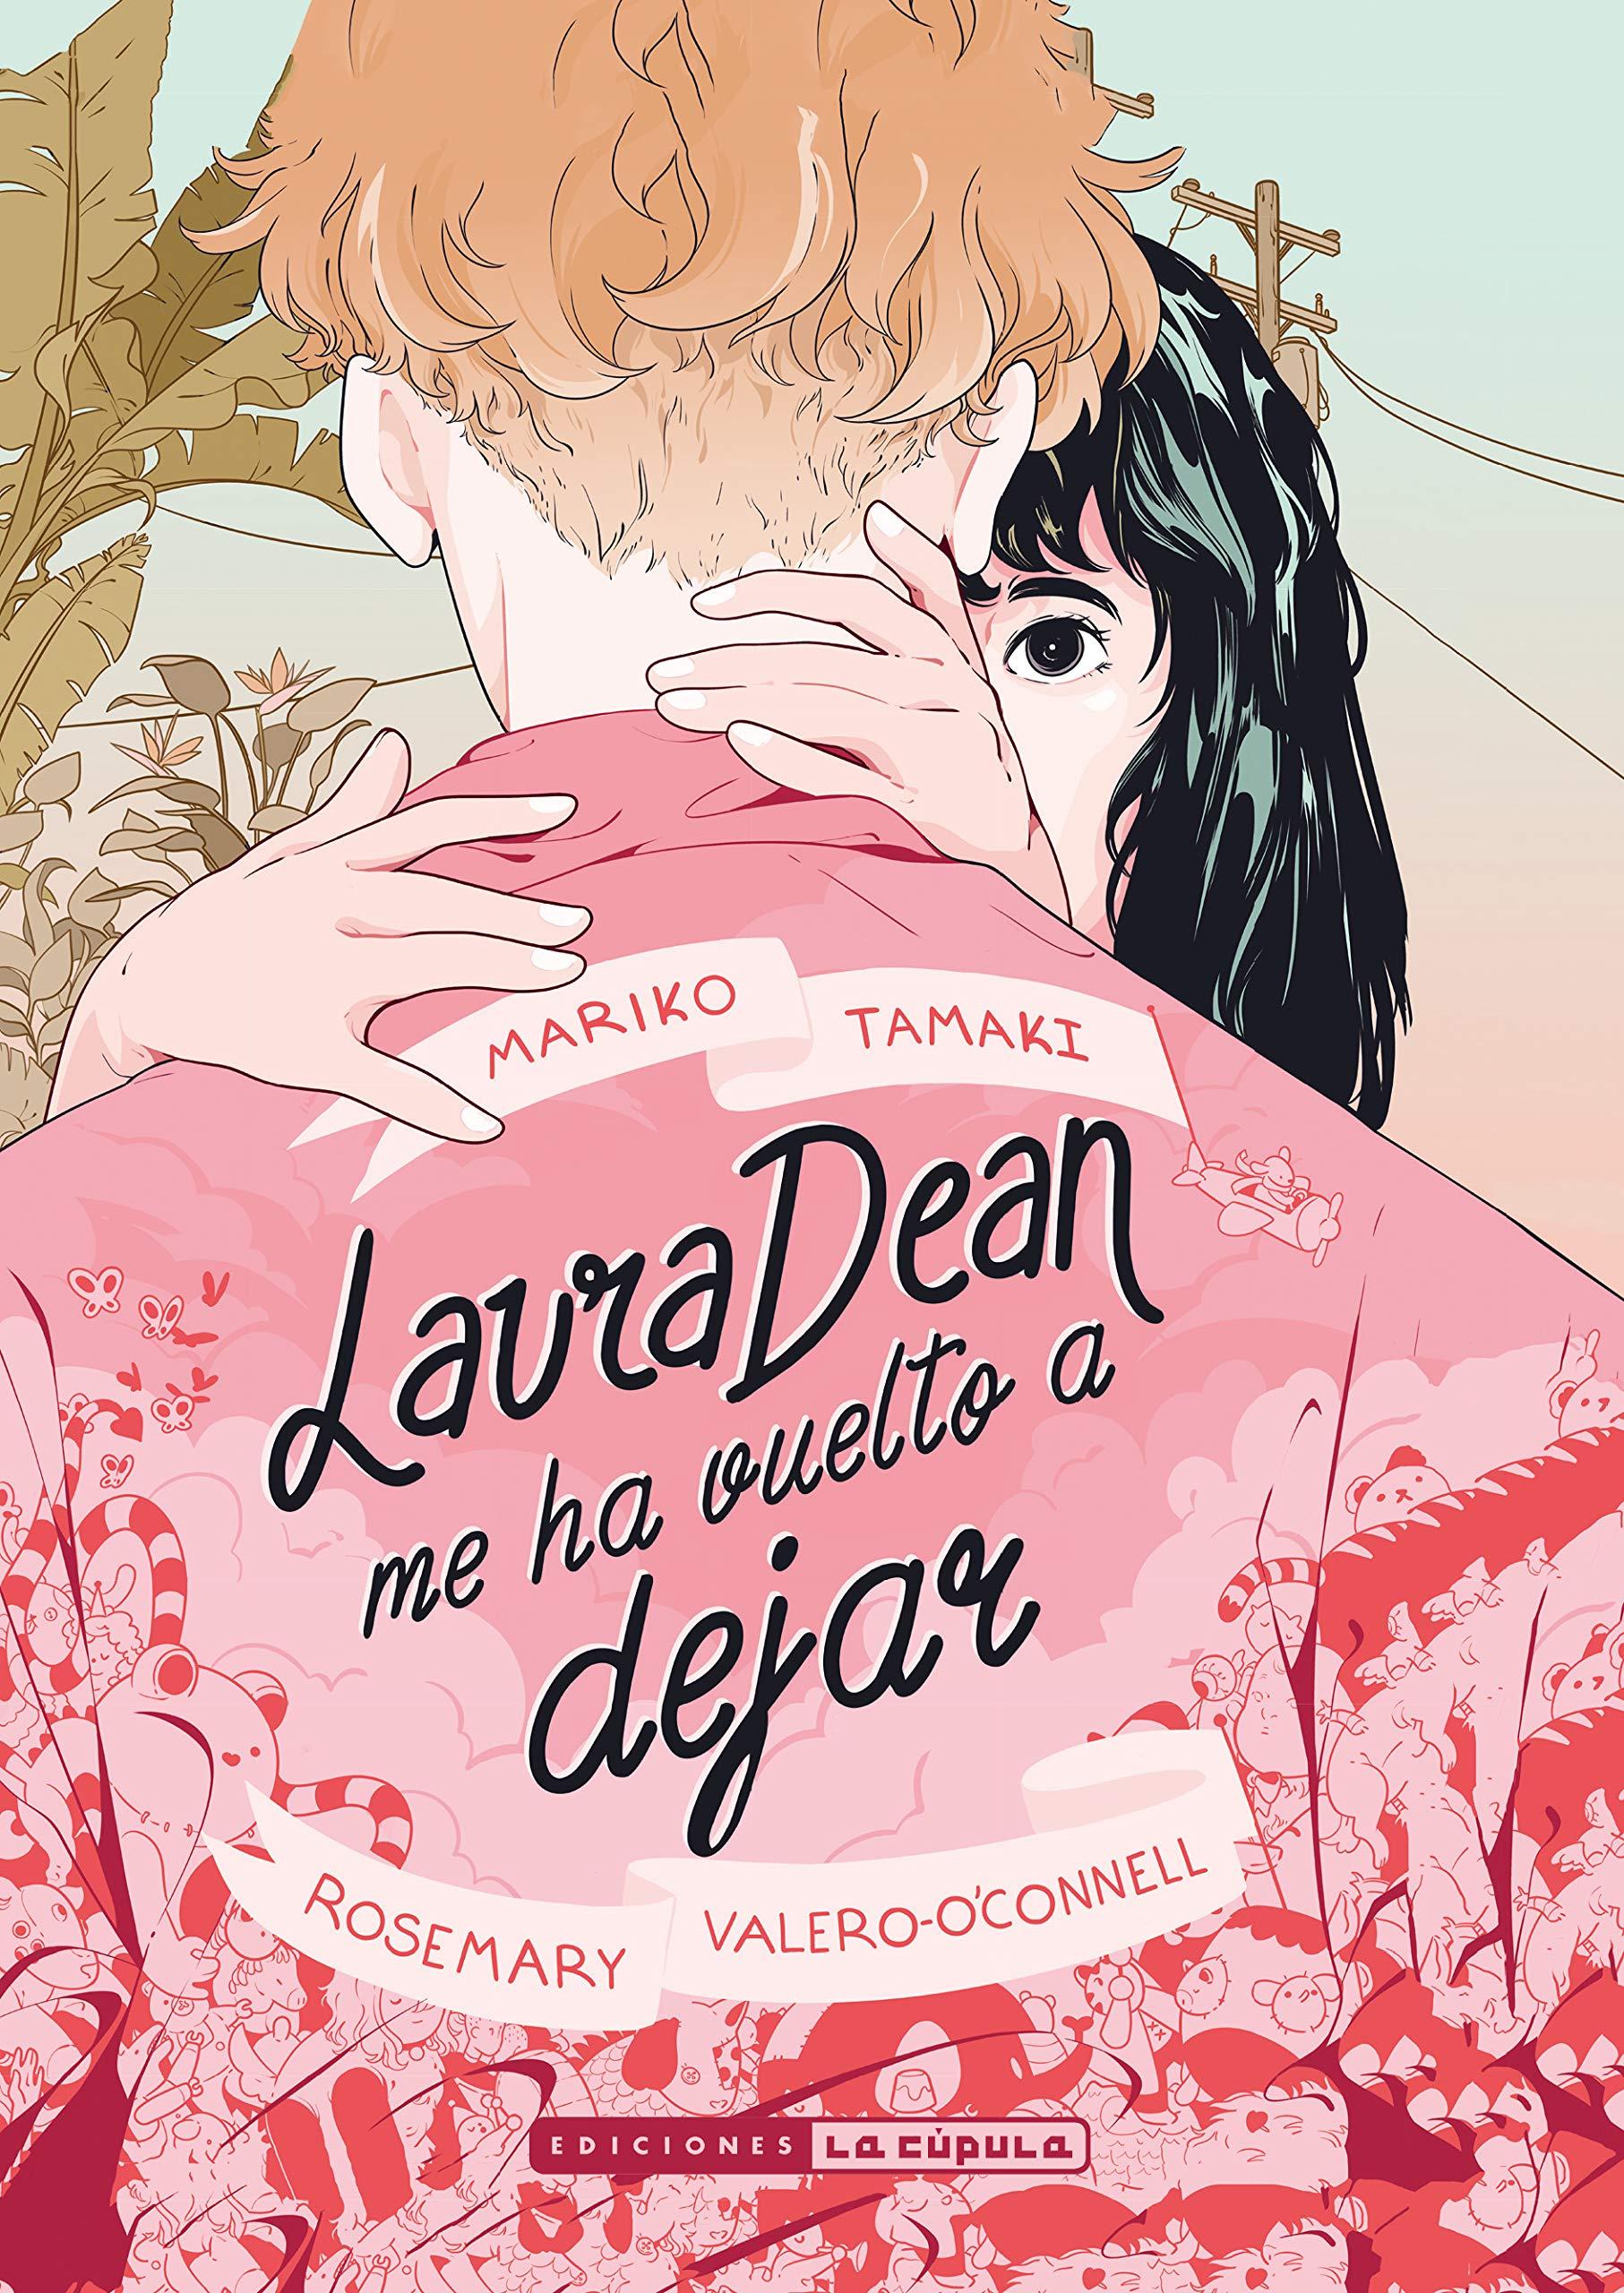 Portada libro - Laura Dean me ha vuelto a dejar